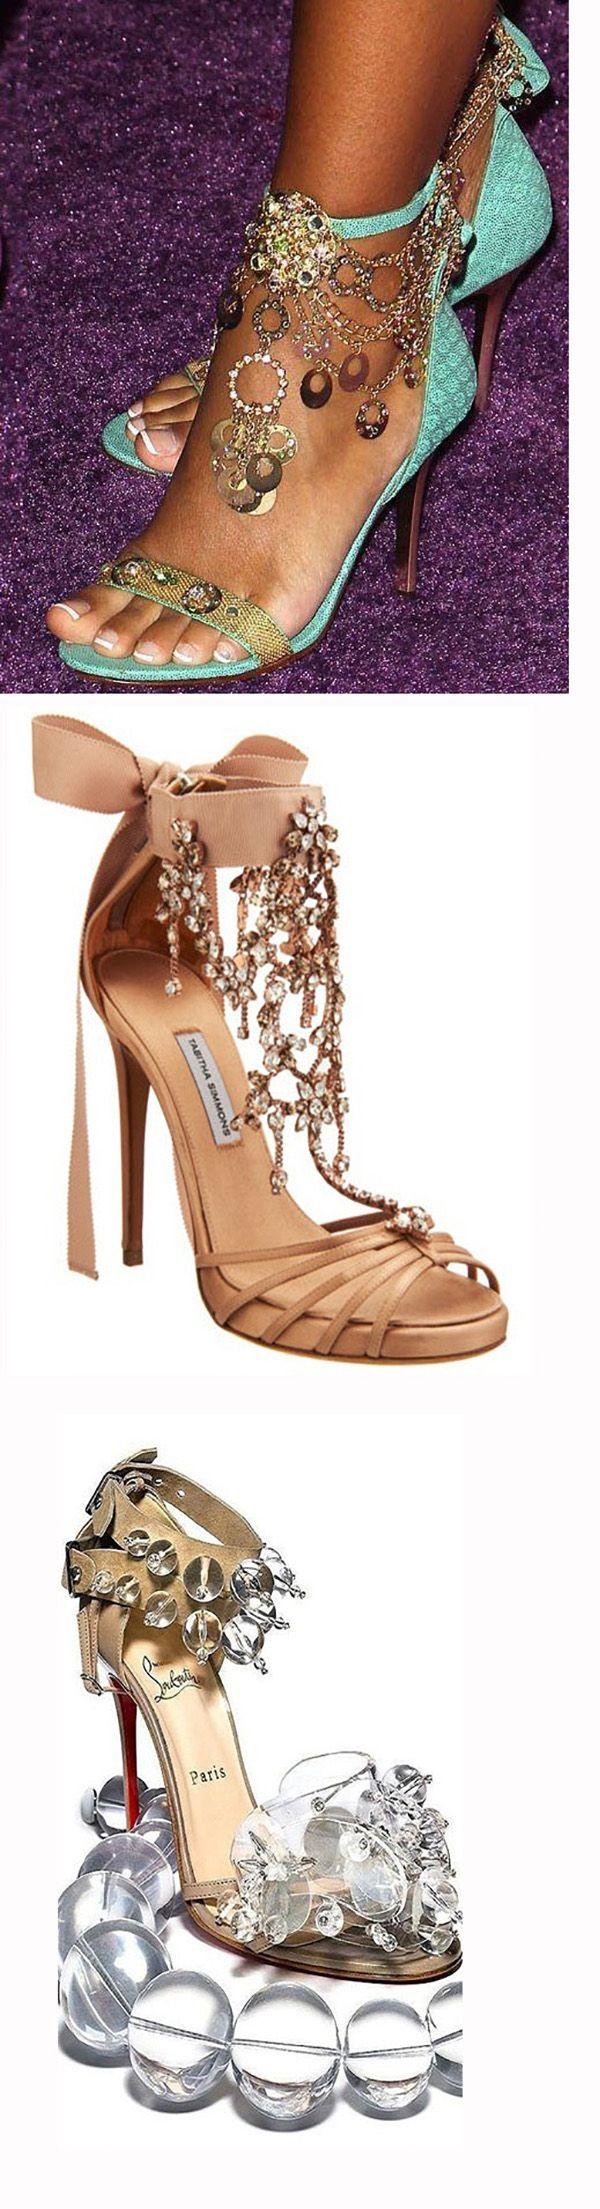 Представляю вашему вниманию подборку вечерней обуви с необычным декором. Я искала модели, украшенные таким образом, чтобы при небольшом рукодельном опыте это было легко повторить самостоятельно — обновить надоевшие туфли, или просто пофантазировать с украшением старой обуви, которая еще способна обрести новую жизнь. Вспомнила я об этом потому, что Новый год приближается, а ведь новогодняя ночь —…